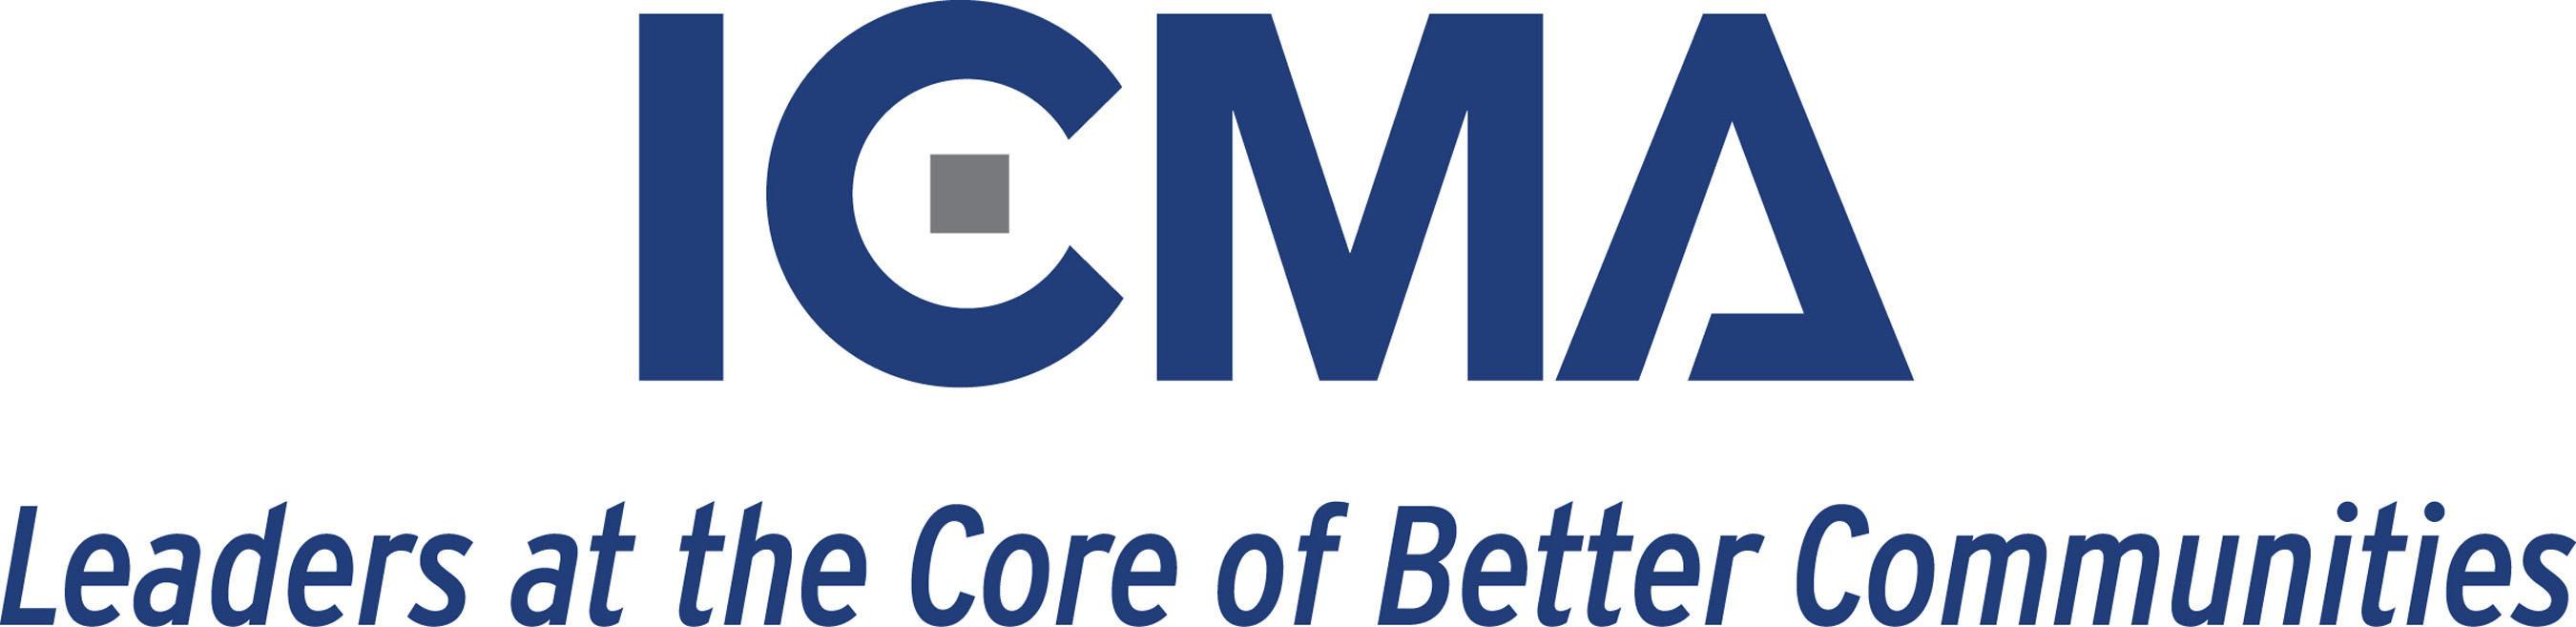 ICMA Logo. (PRNewsFoto/ICMA) (PRNewsFoto/)